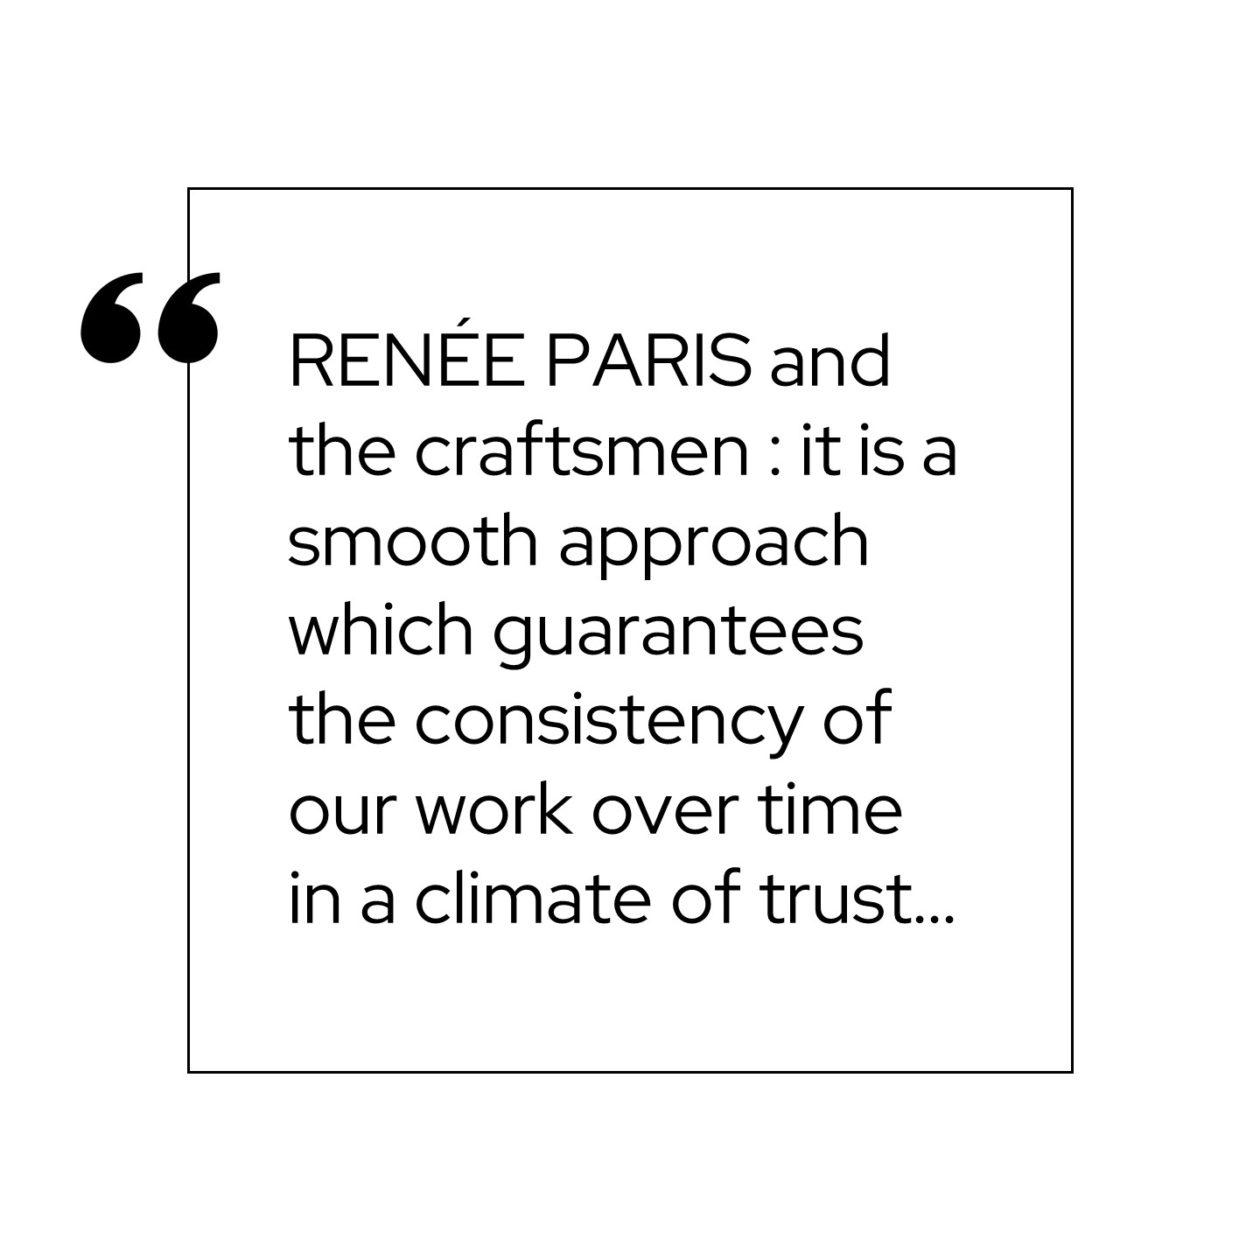 RENÉE PARIS and the craftsmen